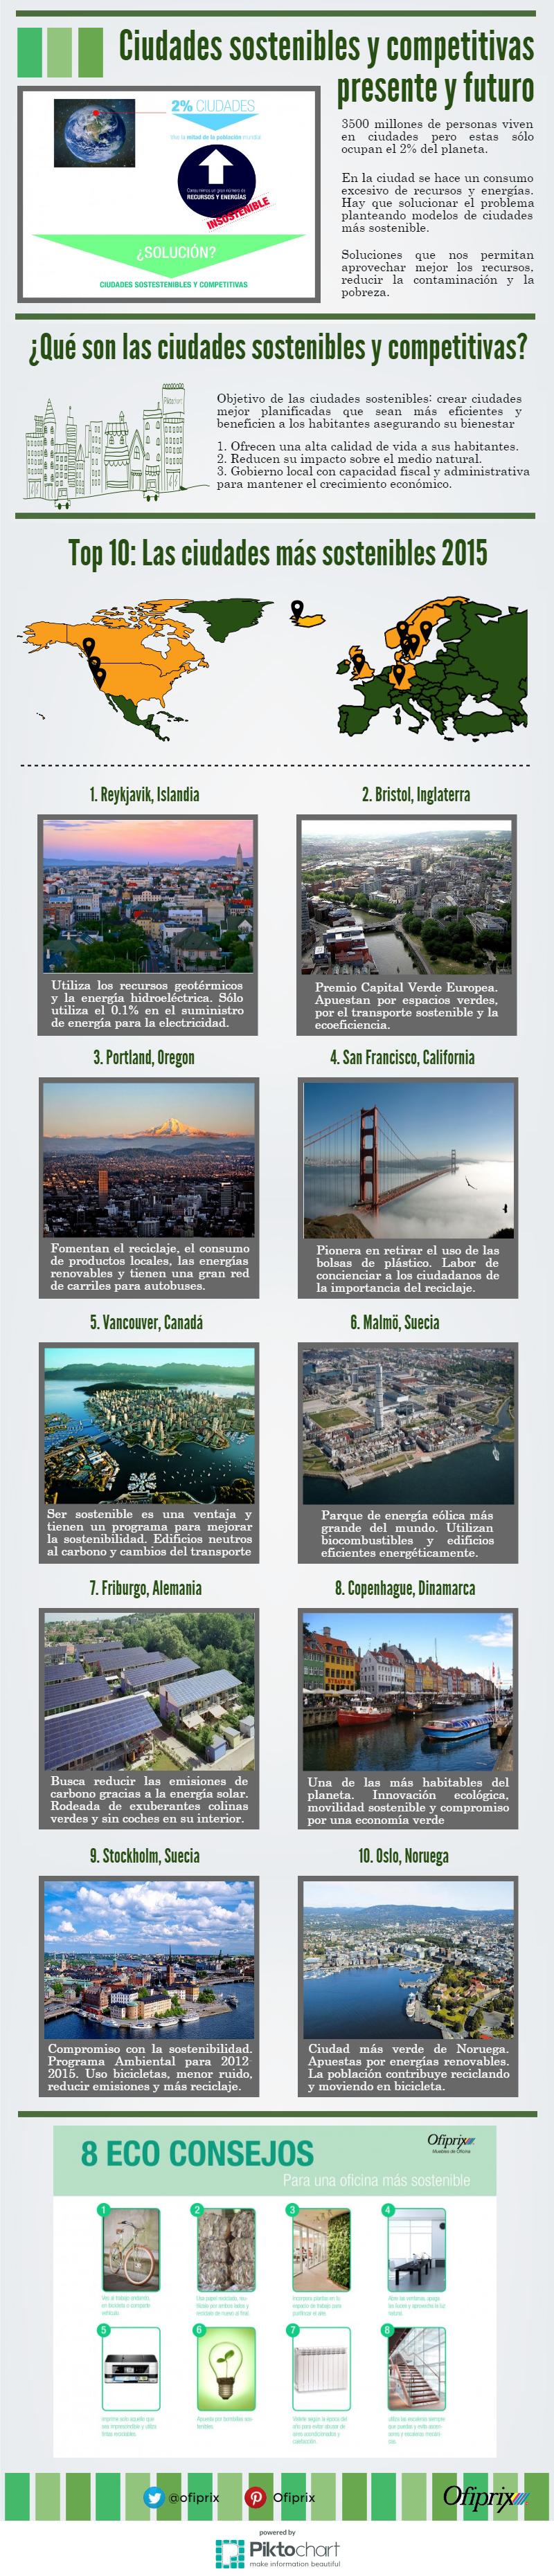 Ciudades sostenibles y competitivas: infografia